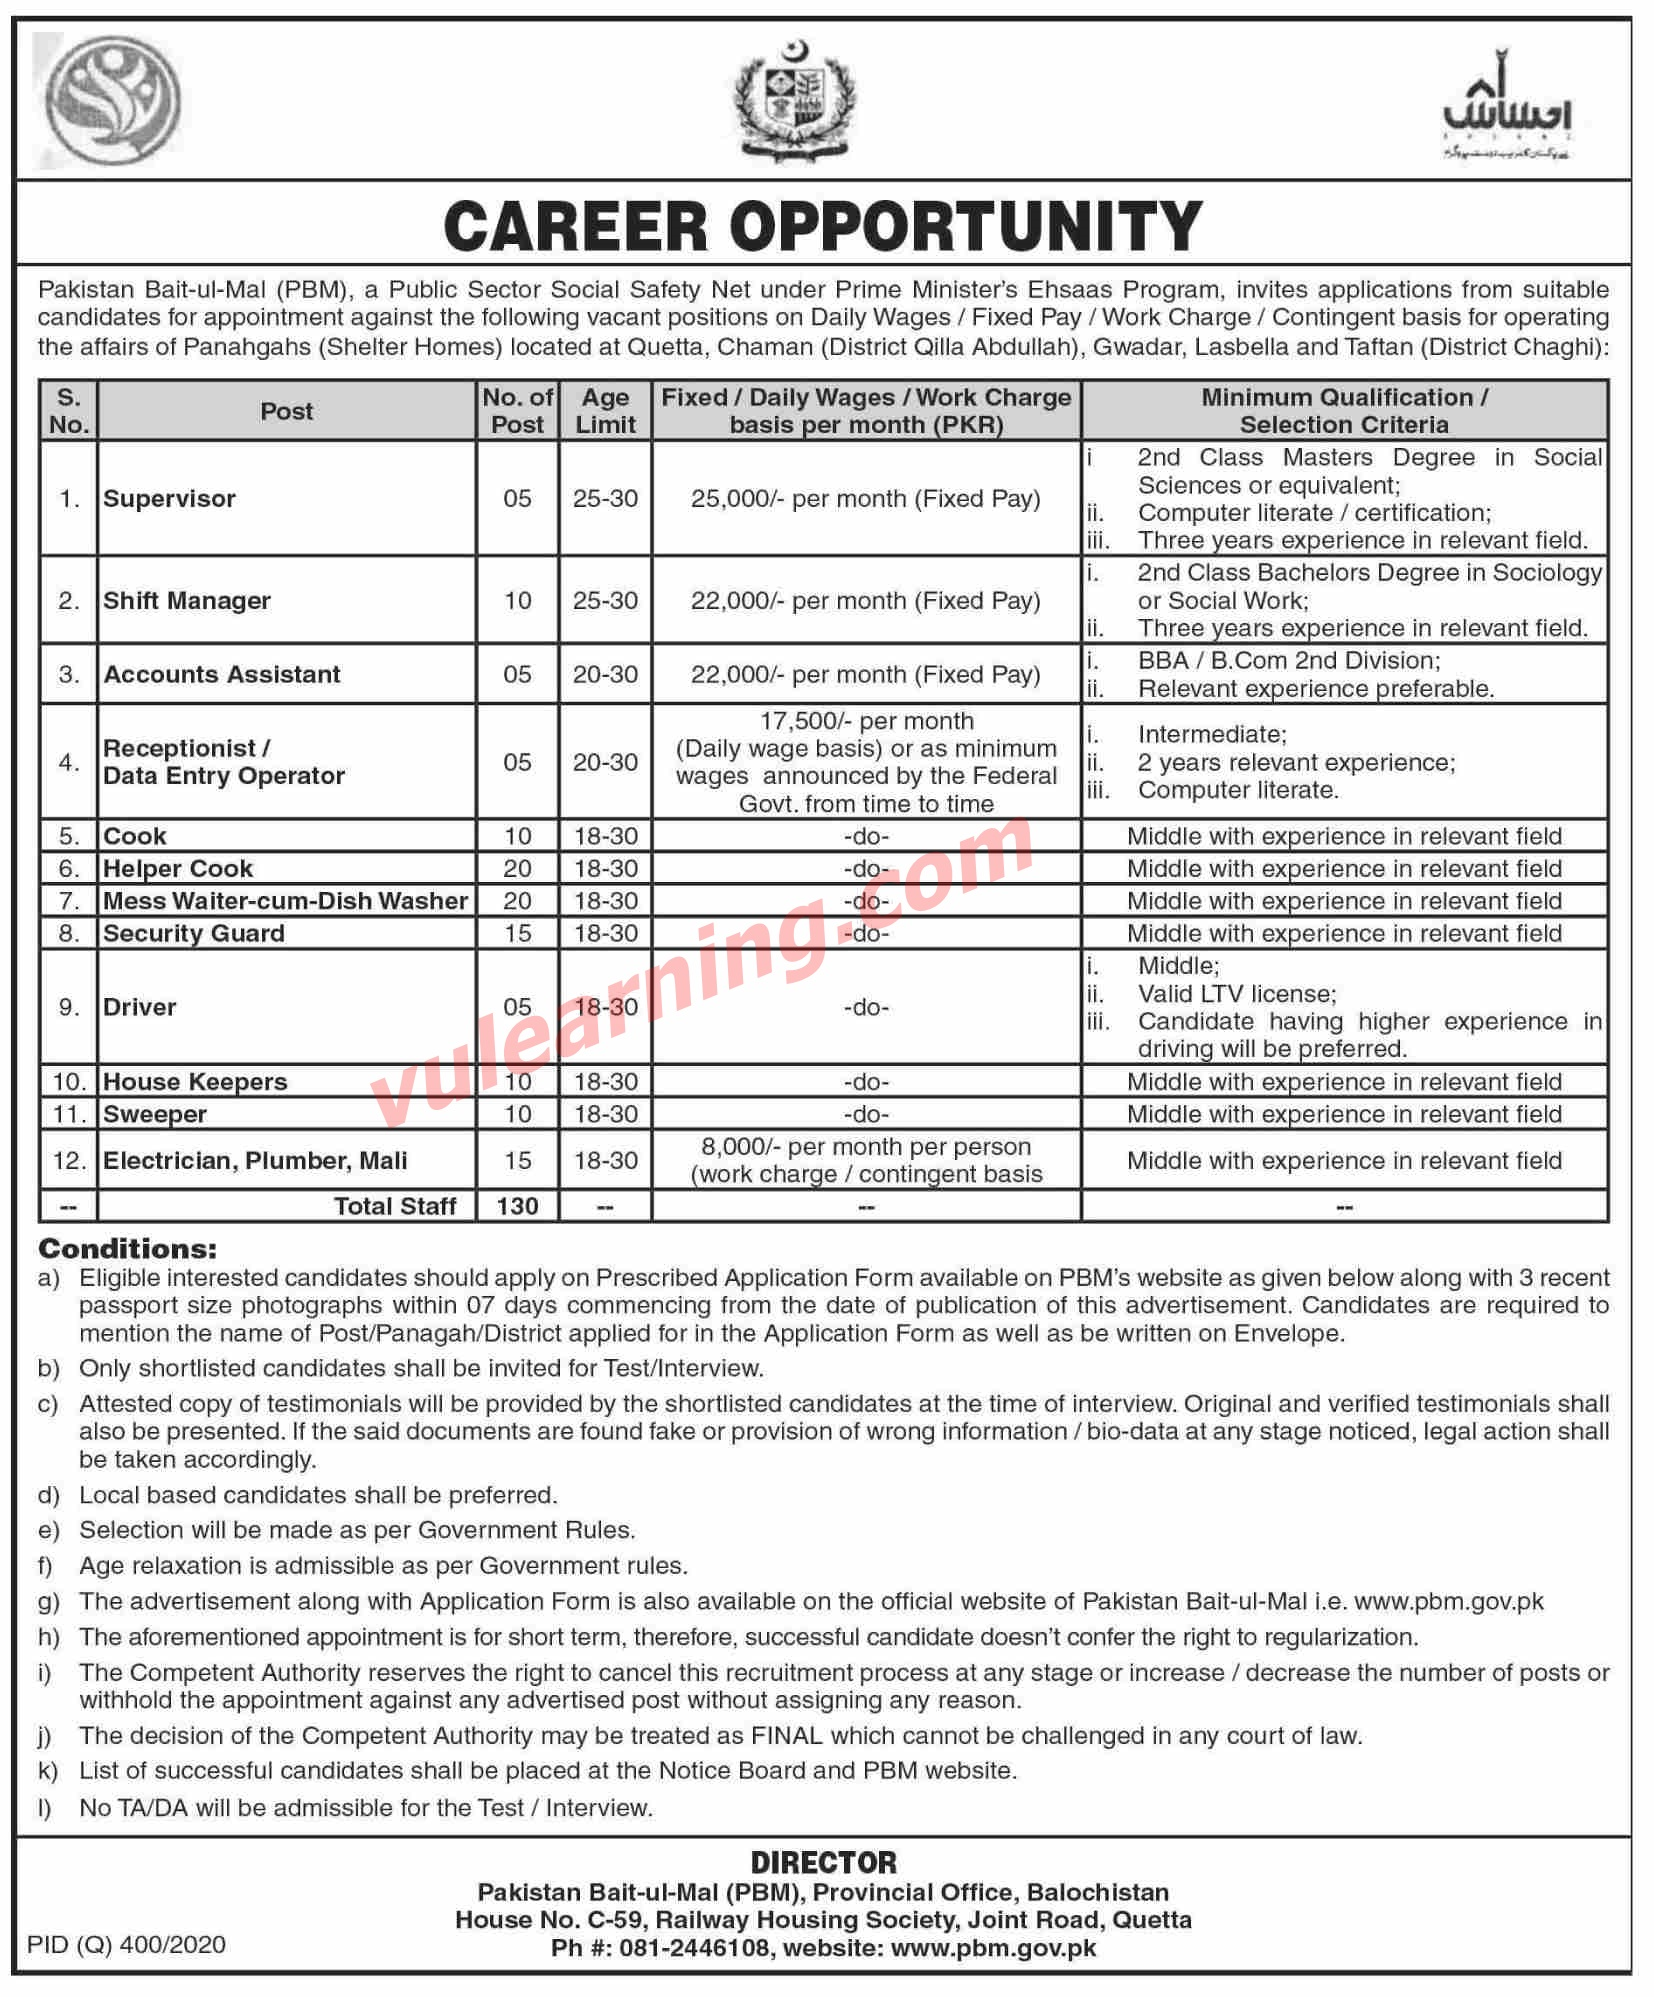 Pakistan Bait Ul Maal Jobs 2020